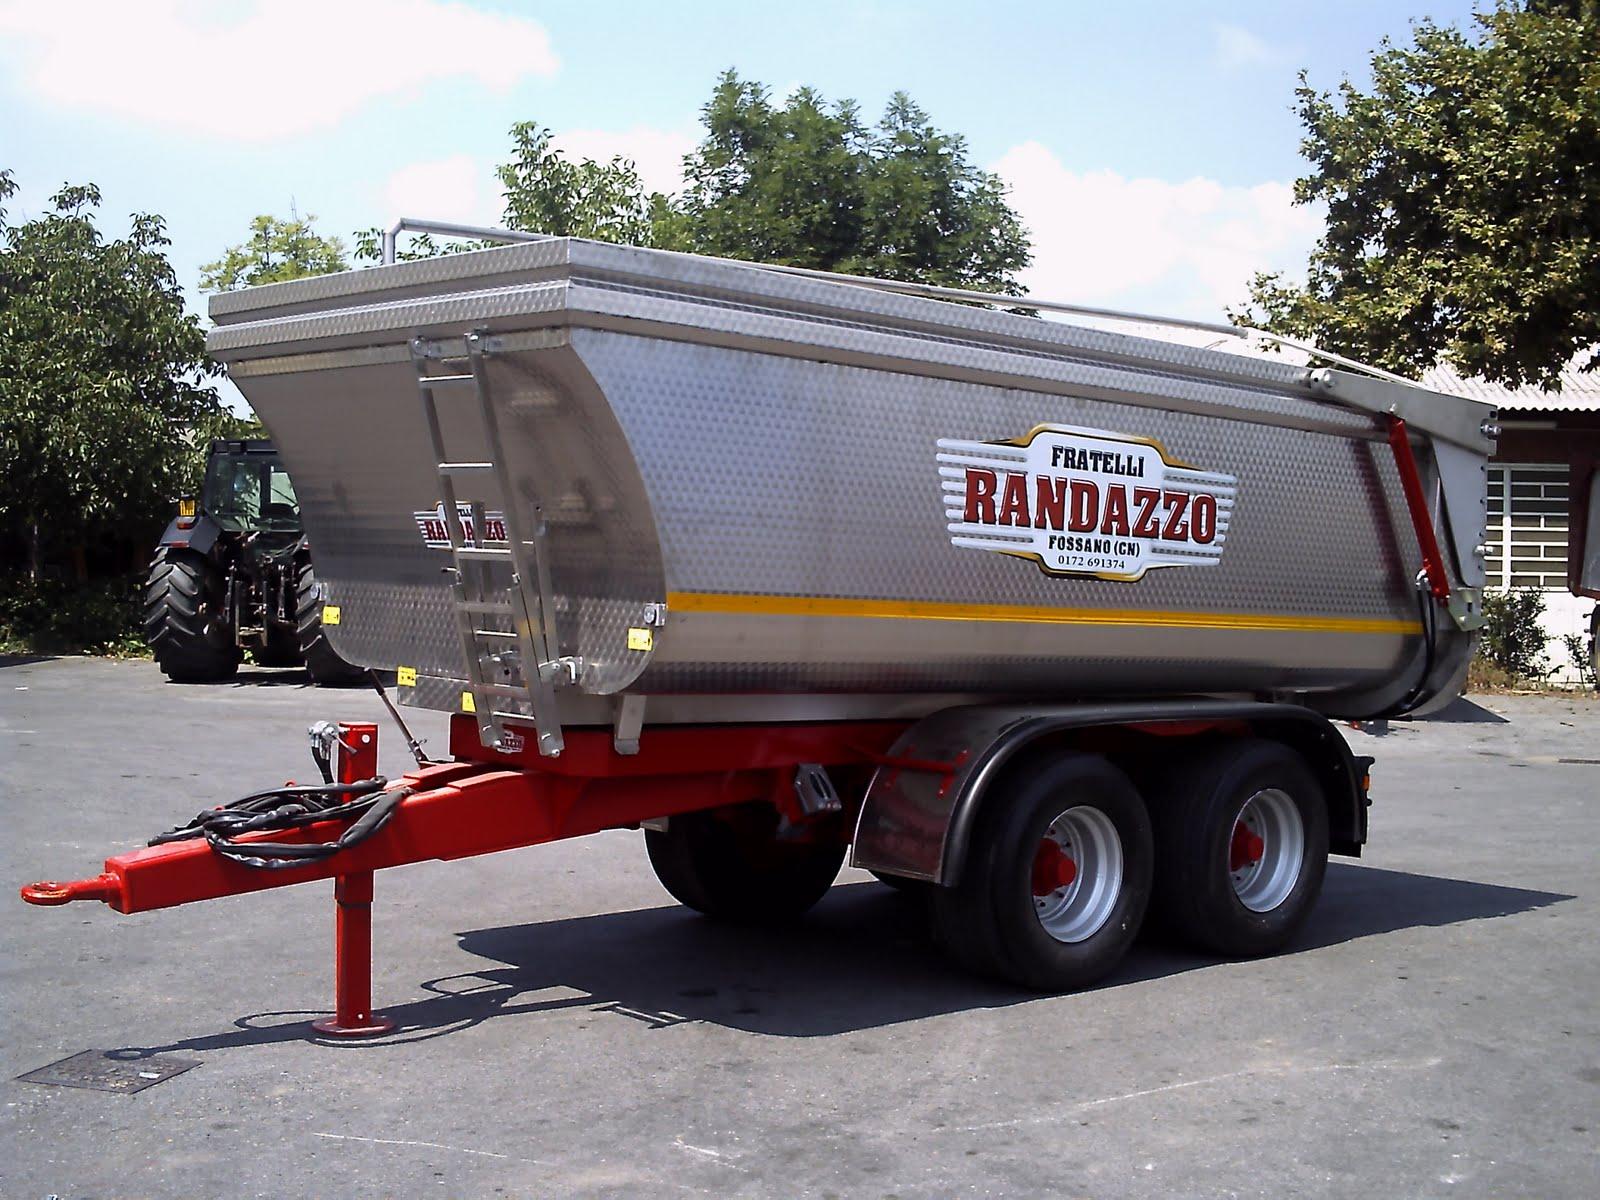 Rimorchi randazzo agosto 2010 for Rimorchi randazzo